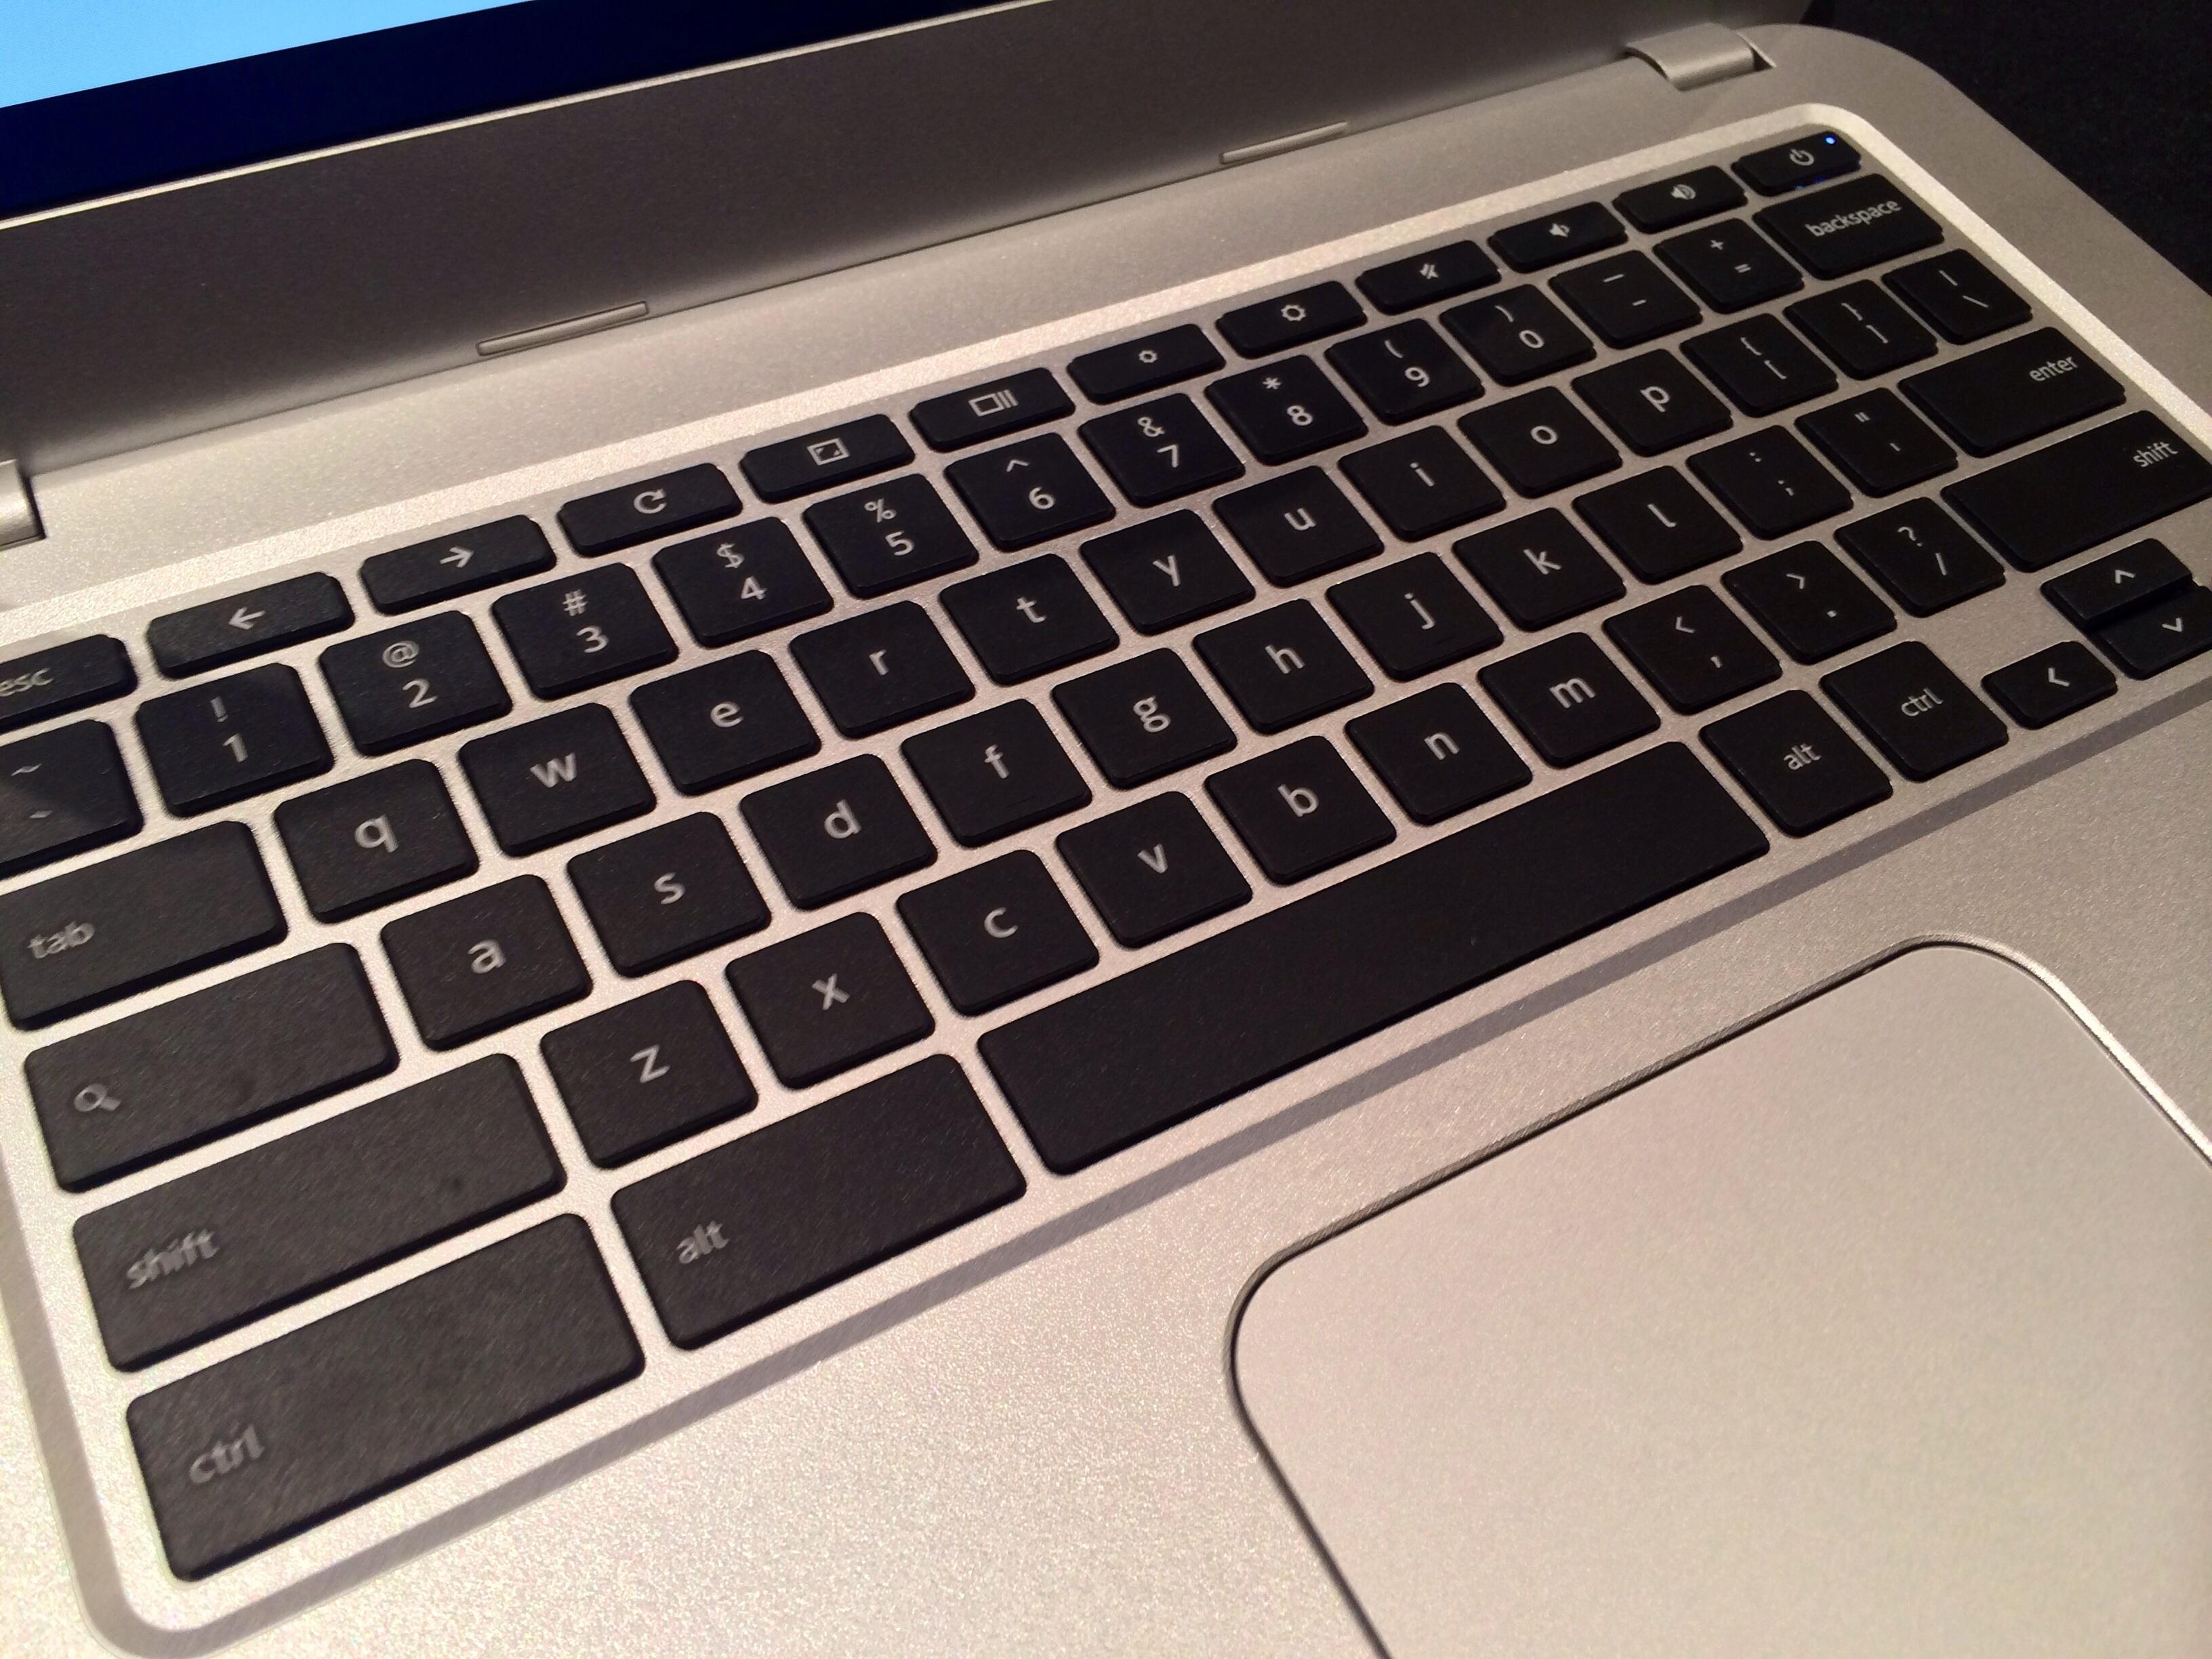 Toshiba Chromebook keyboard